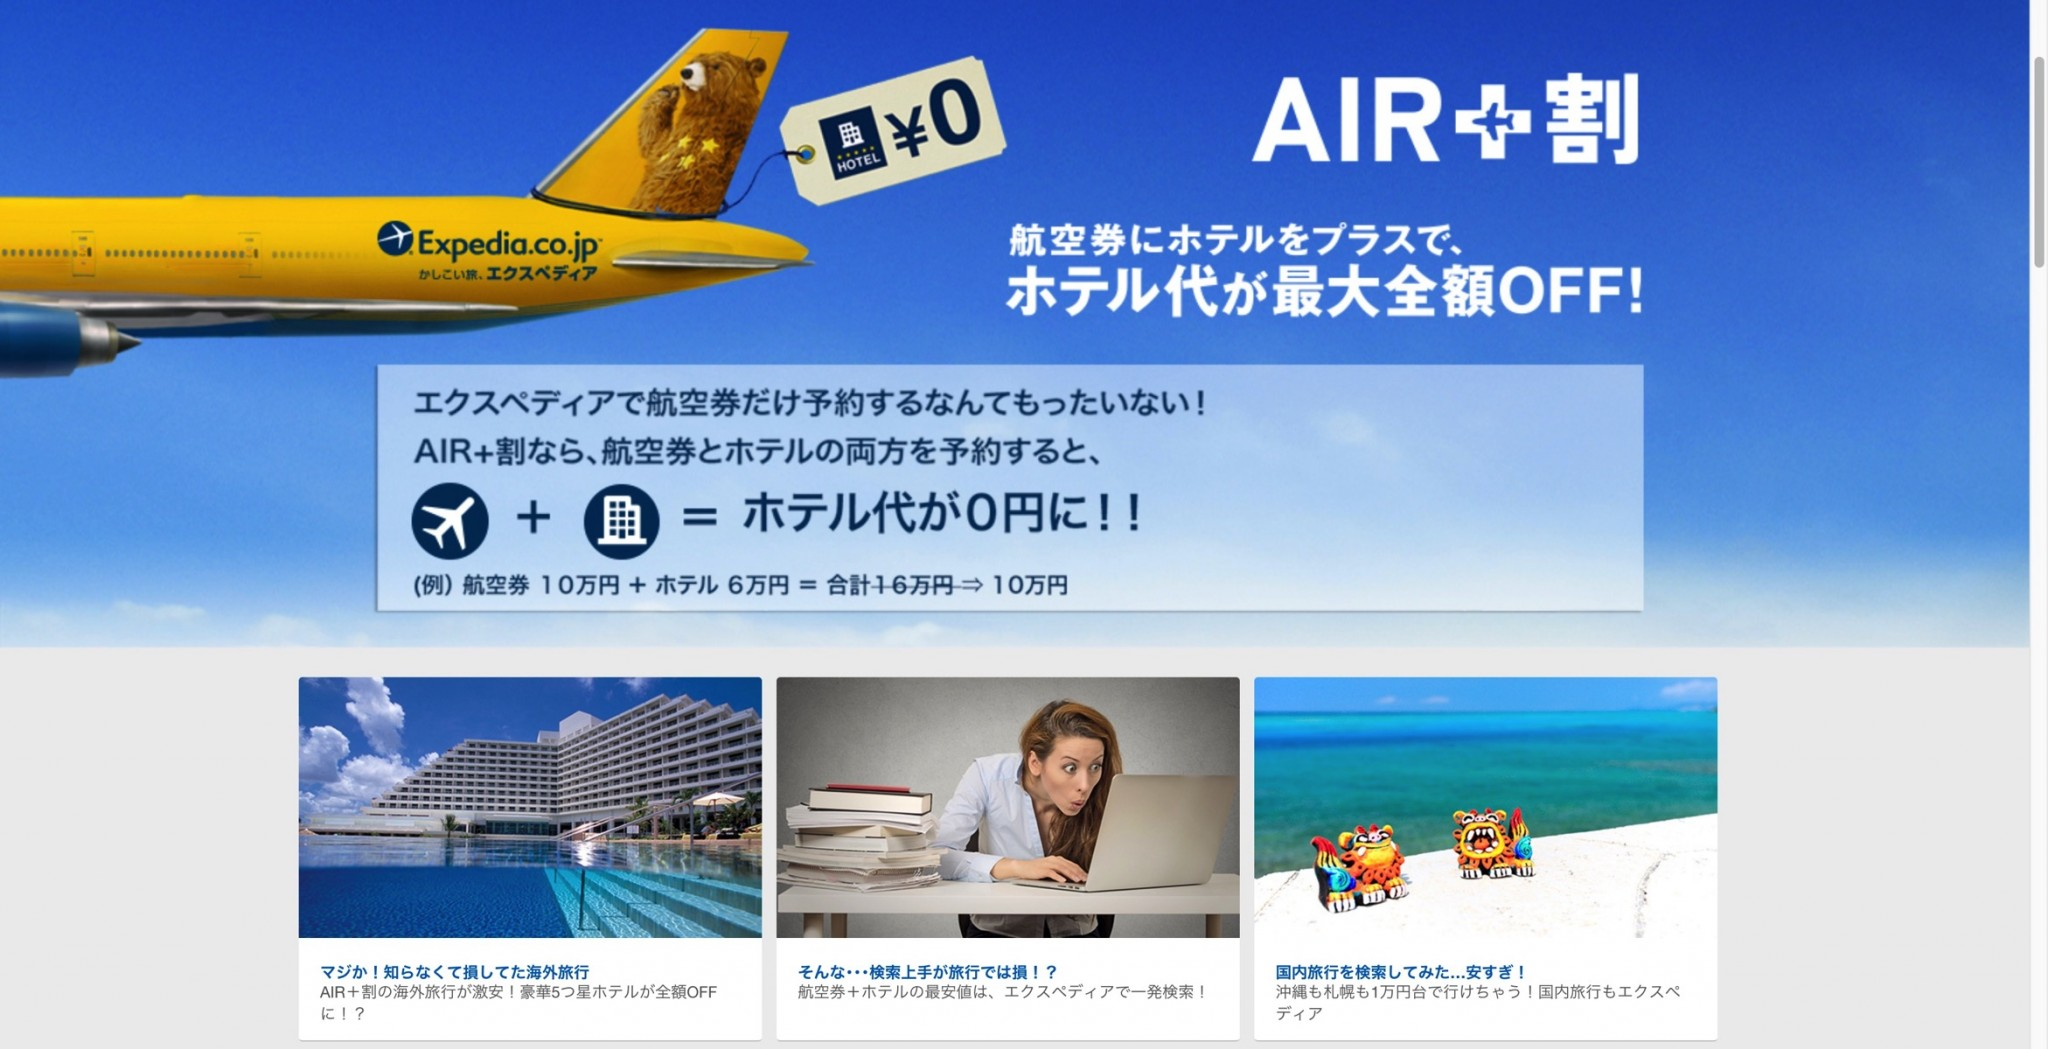 航空券にホテルをプラスで ホテル代が最大全額OFF |エクスペディア